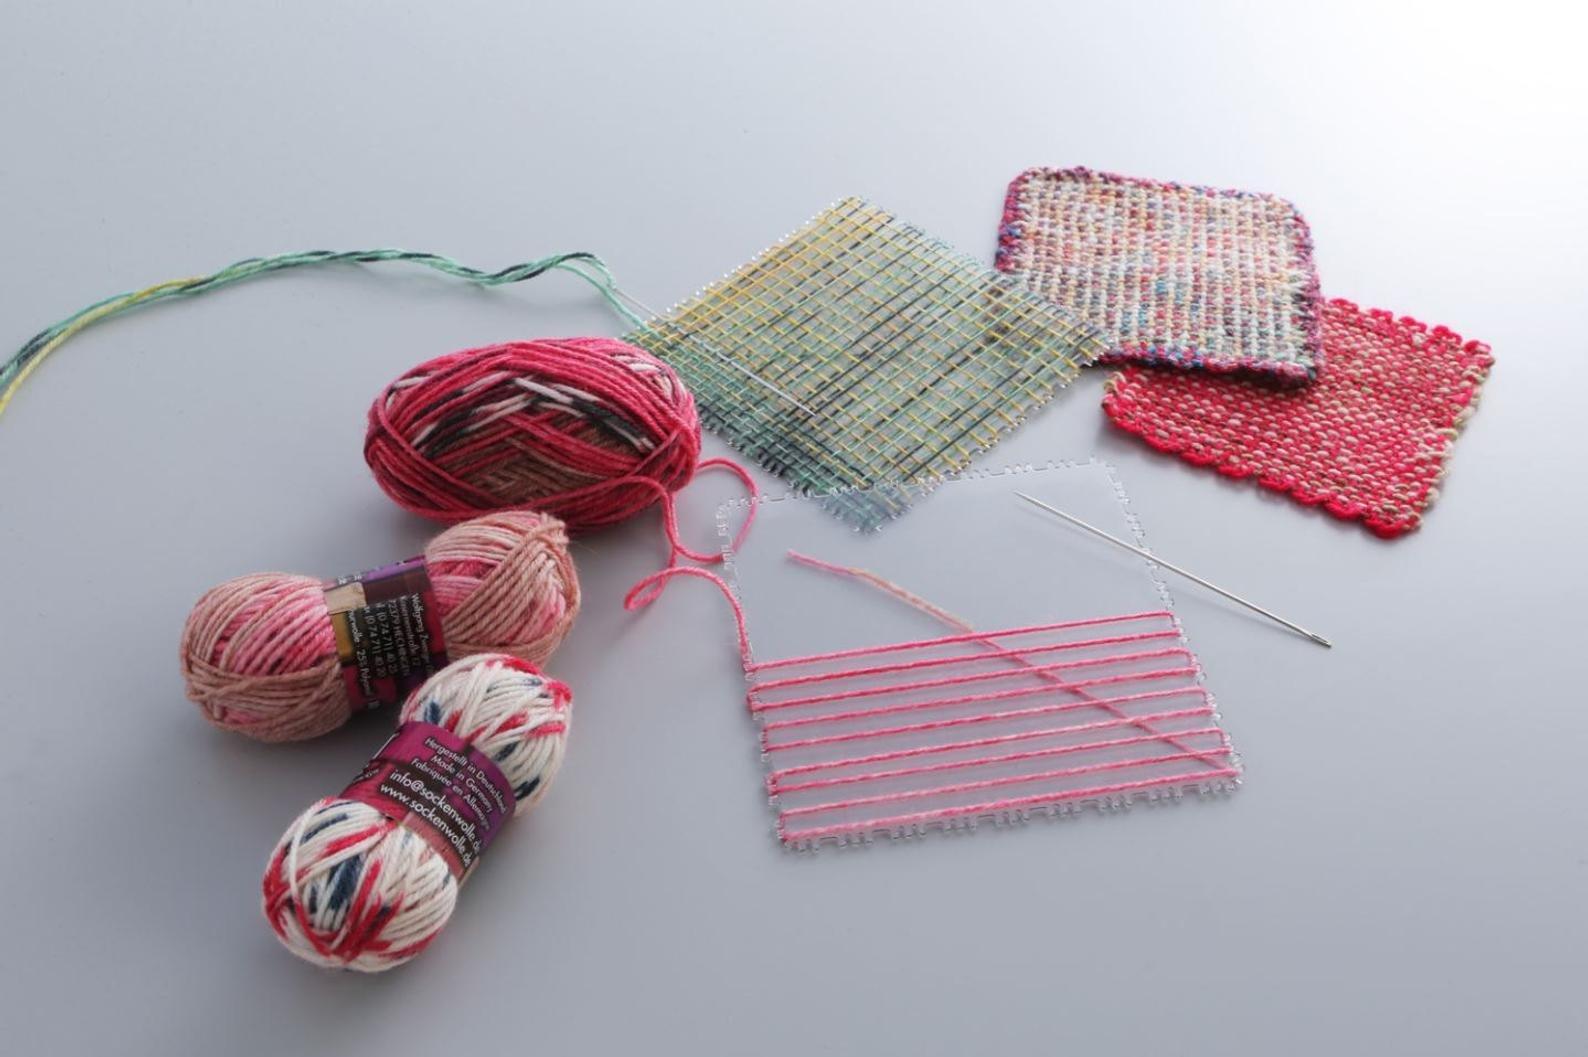 KA Square Weaving Loom